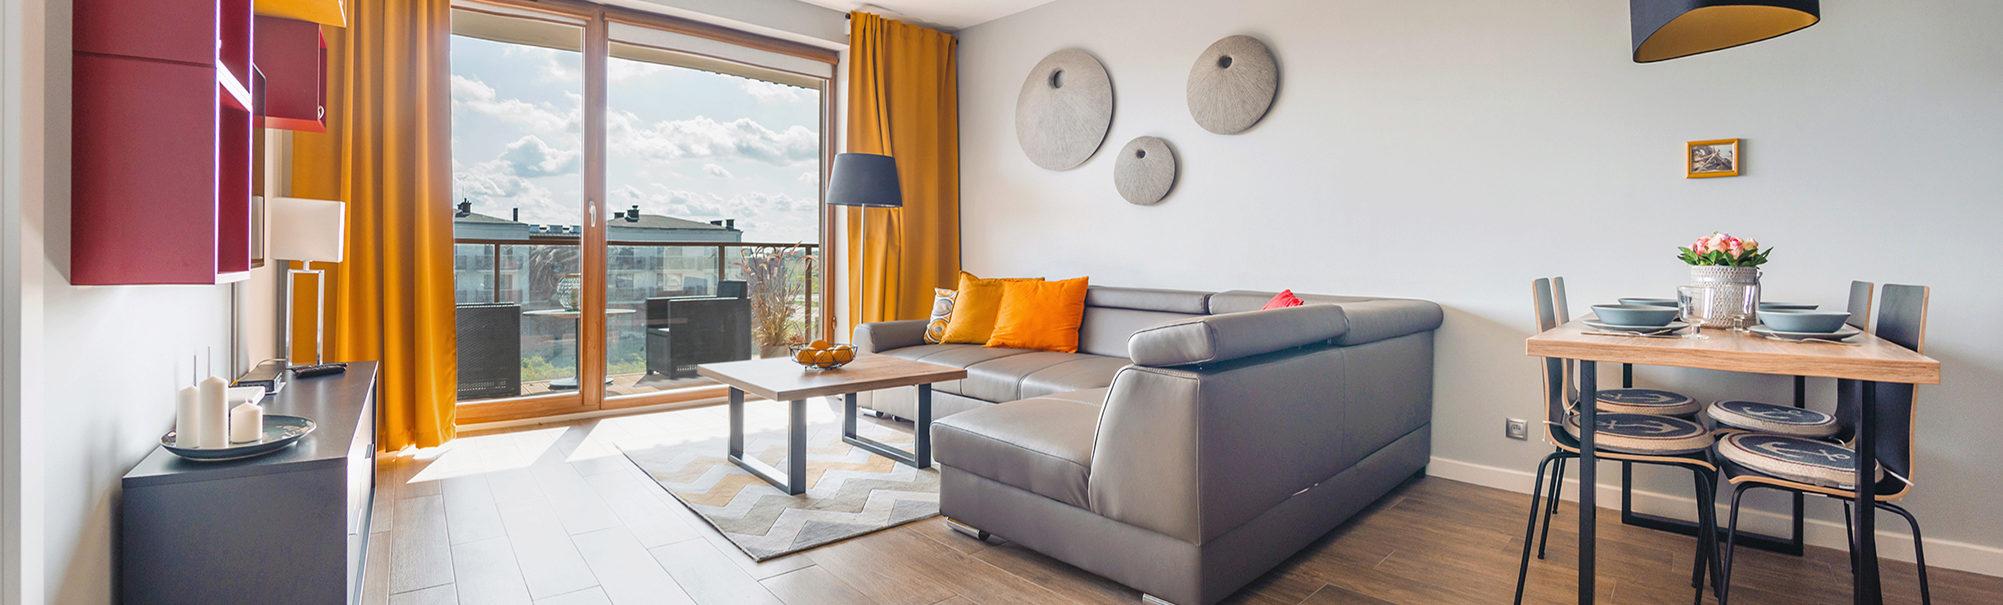 Apartamenty Sun&Snow Apartament B 30 Kołobrzeg